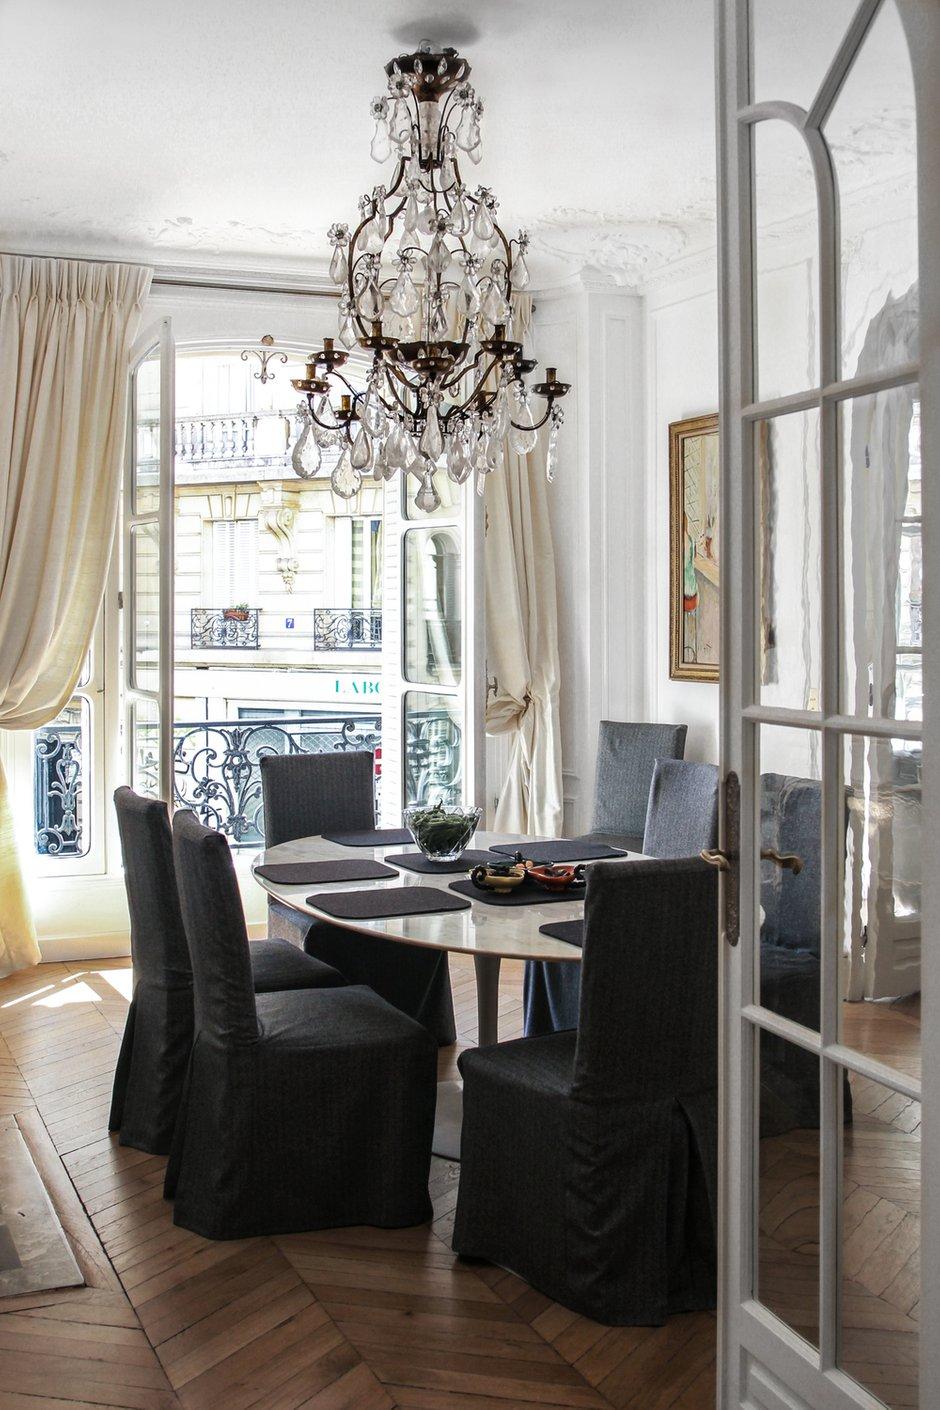 Фотография: Кухня и столовая в стиле Прованс и Кантри, Классический, Квартира, Антиквариат, Белый, Проект недели, Париж, Бежевый, ИКЕА, антикварная мебель в интерьере, Более 90 метров, #эксклюзивныепроекты, Катя Гердт – фото на INMYROOM